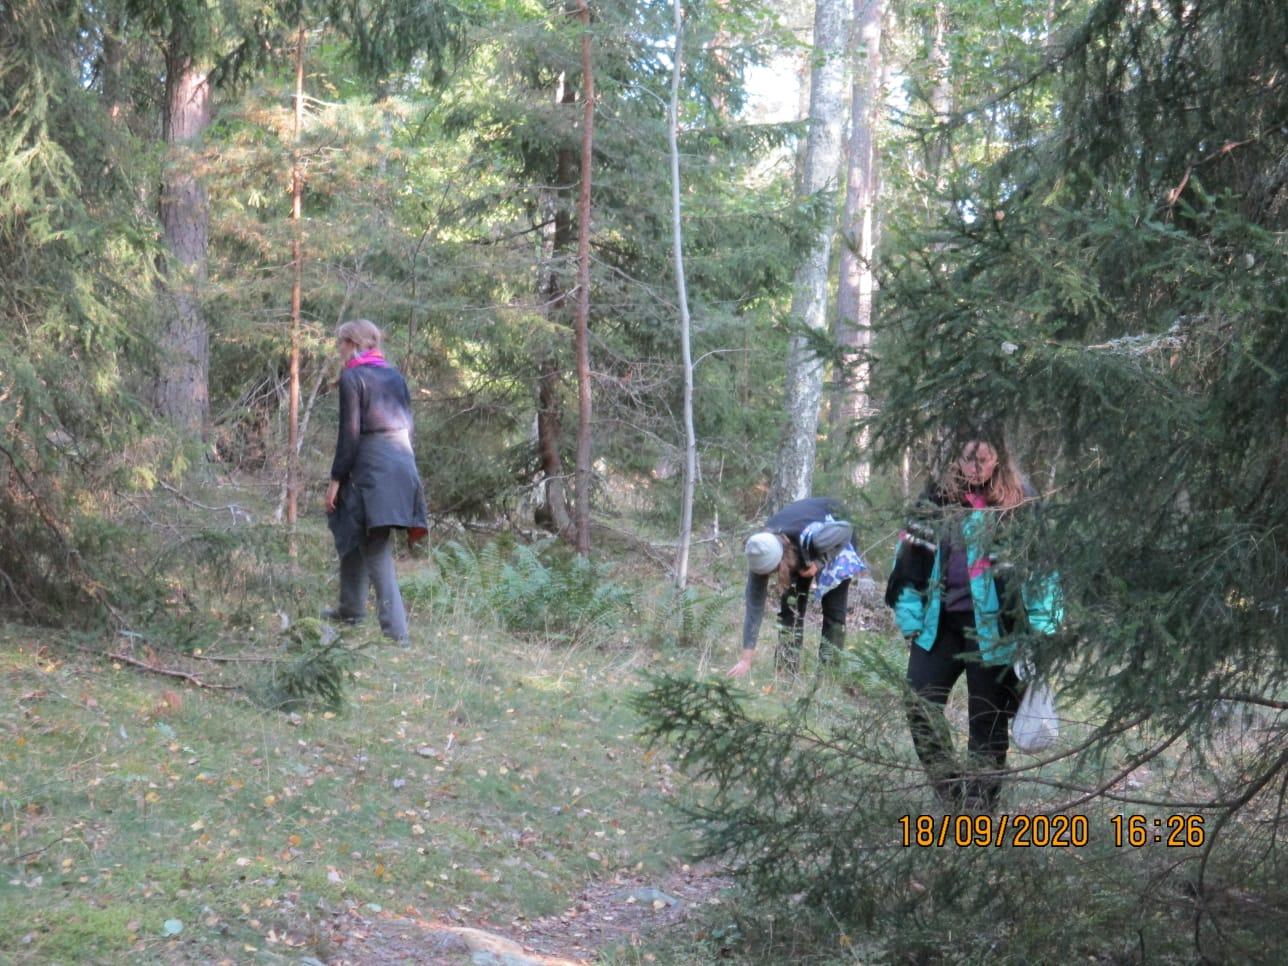 Auf Pilz suche (Foto: Clara)